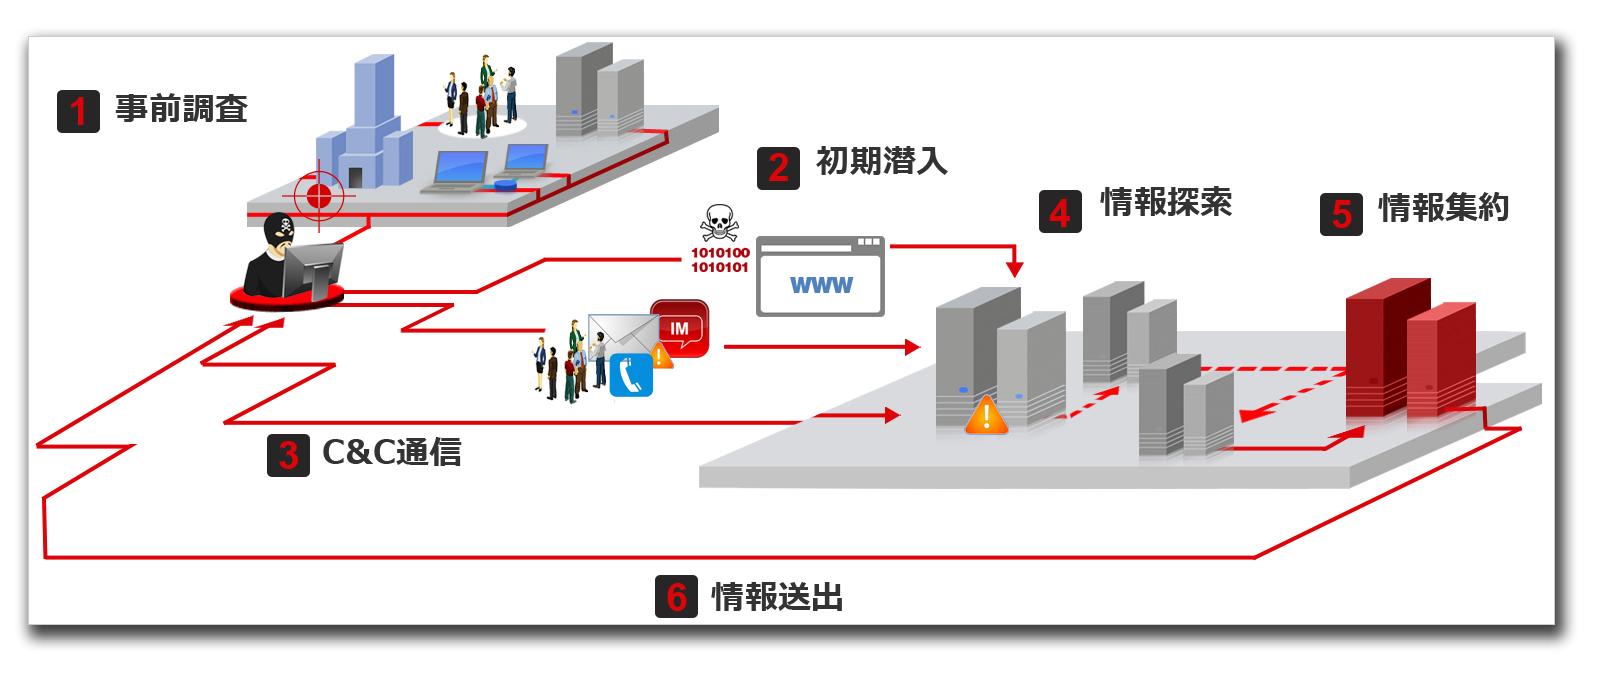 図:持続的標的型攻撃の攻撃の流れ